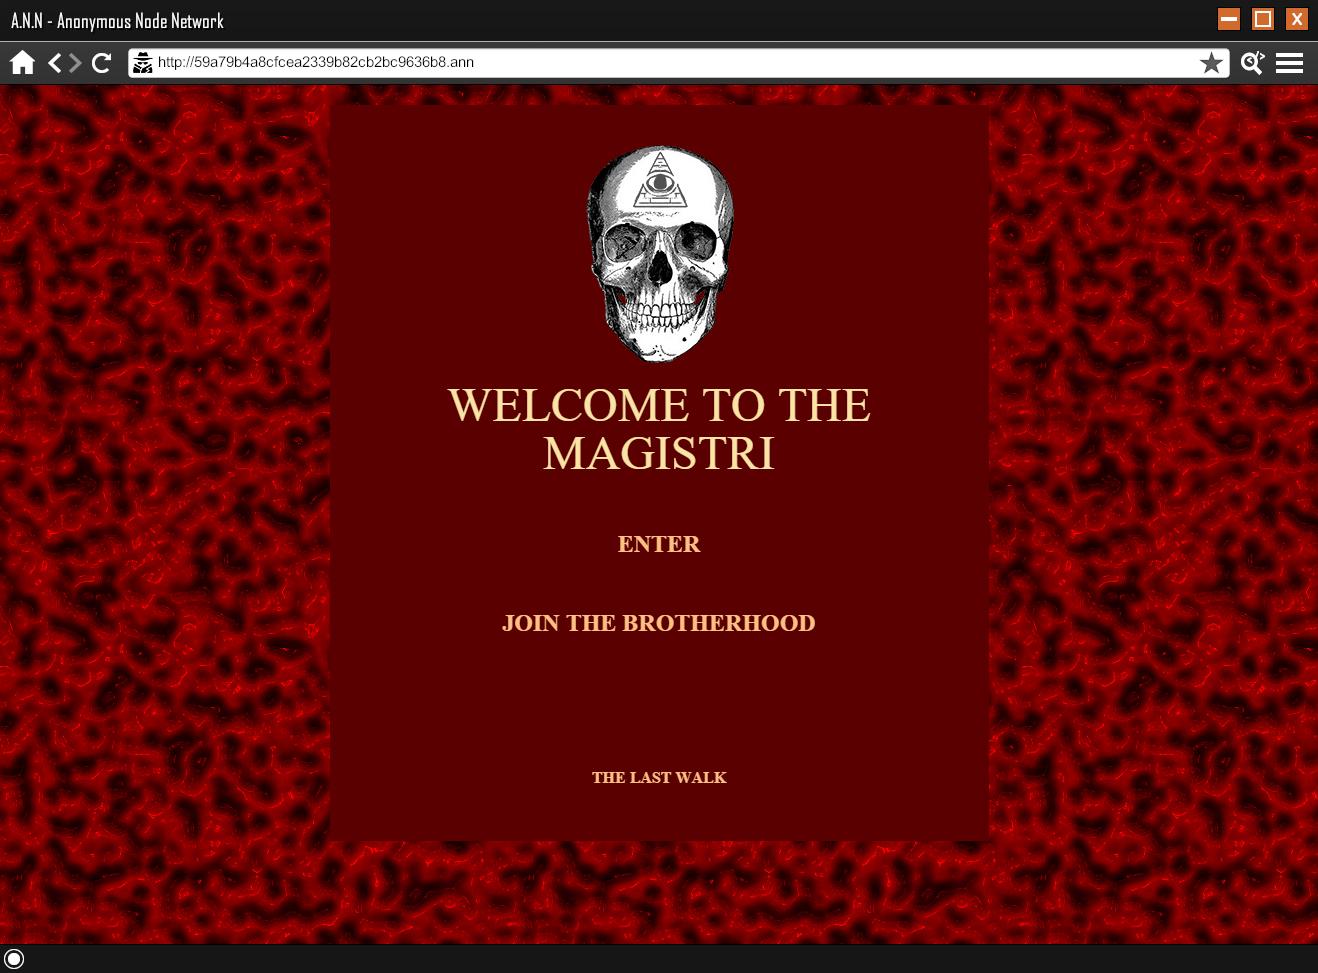 THE MAGISTRI